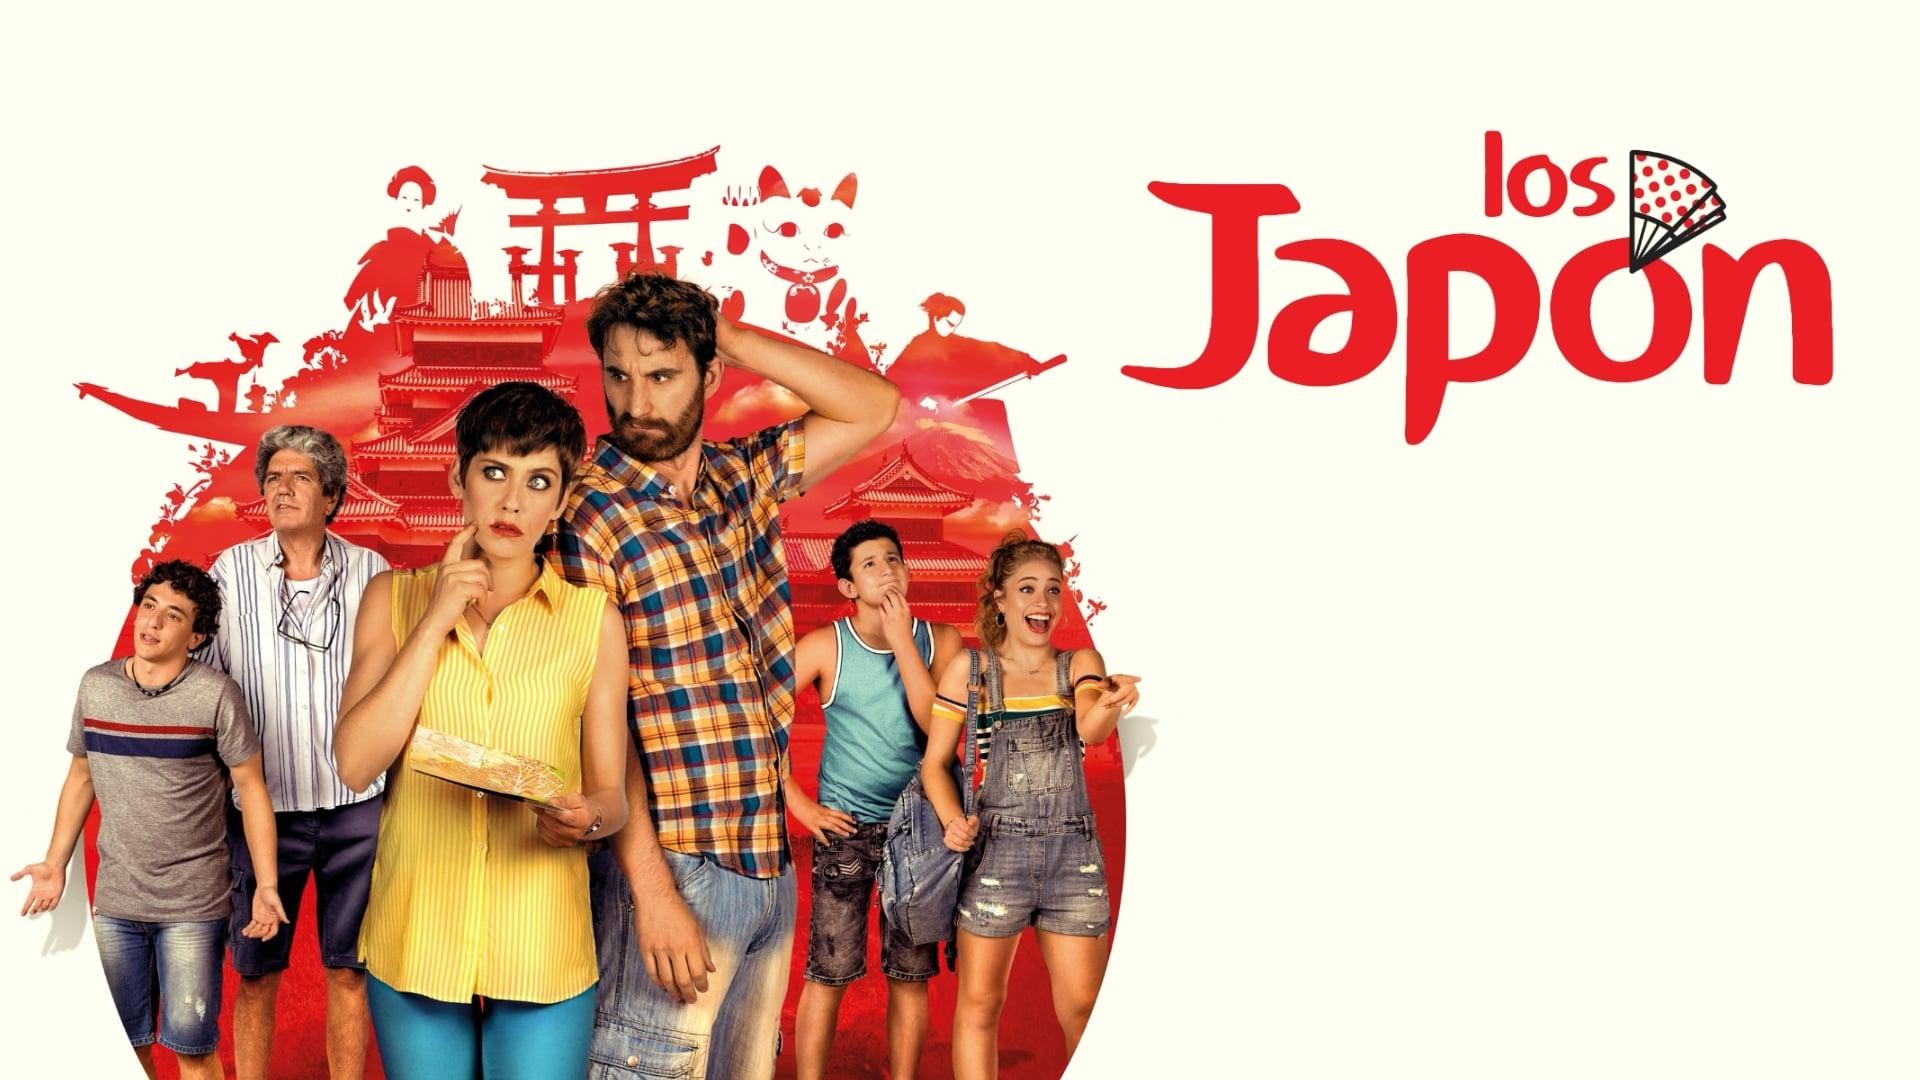 The Japon